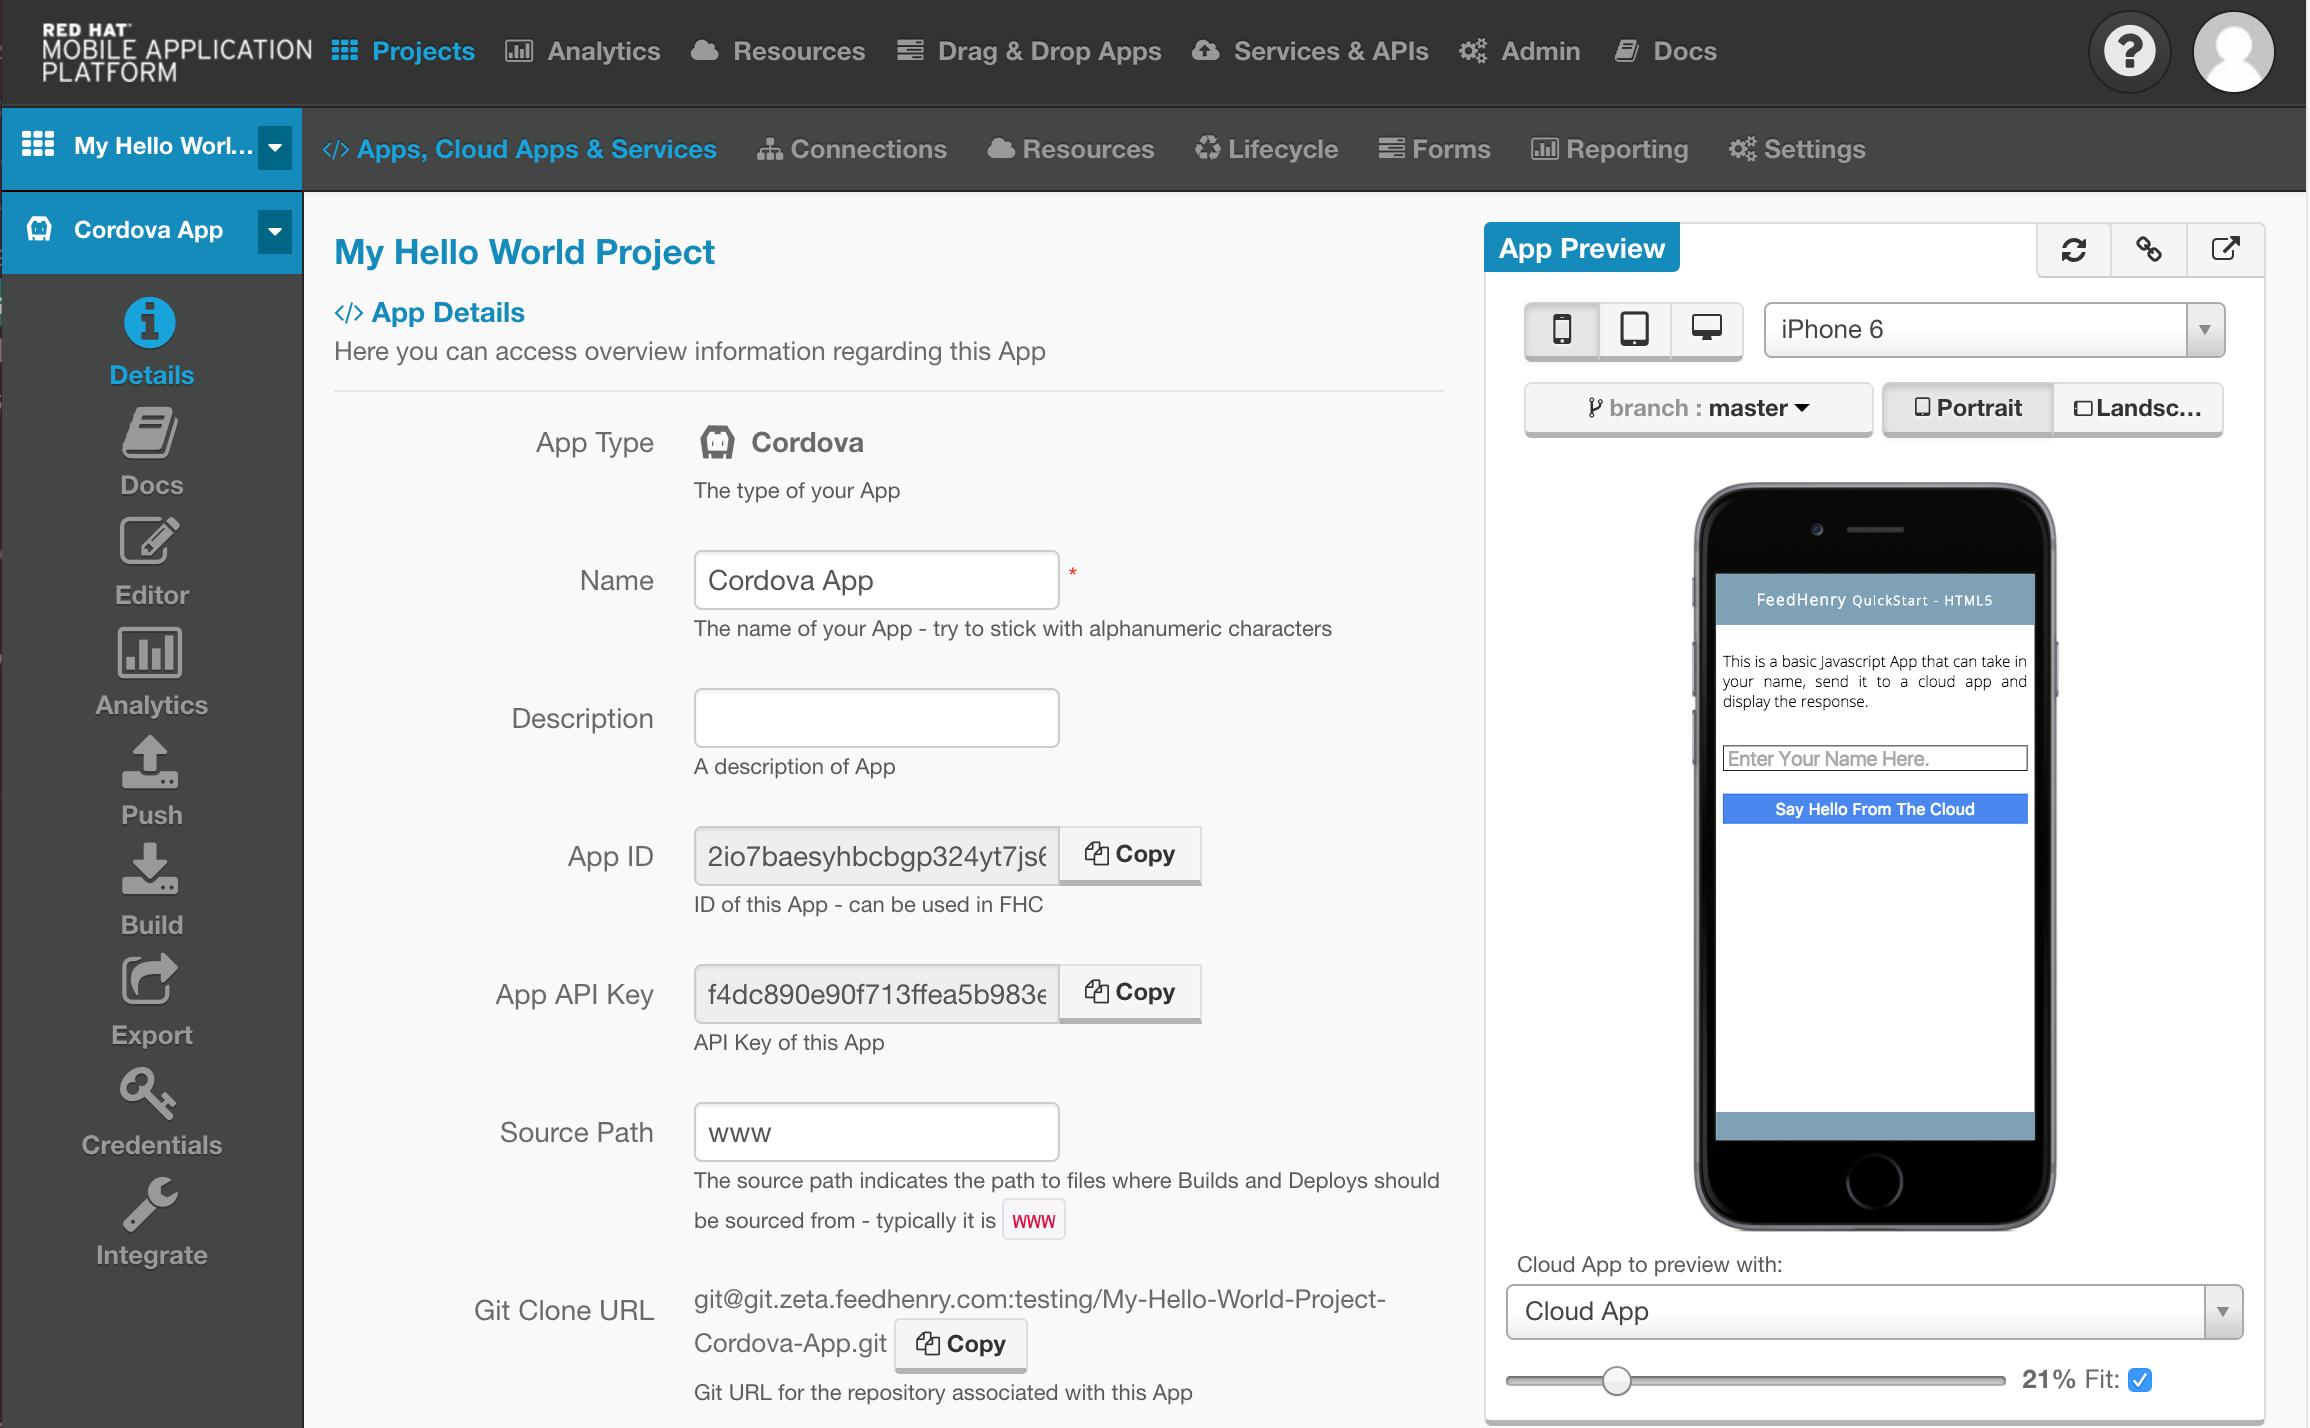 Client App Details